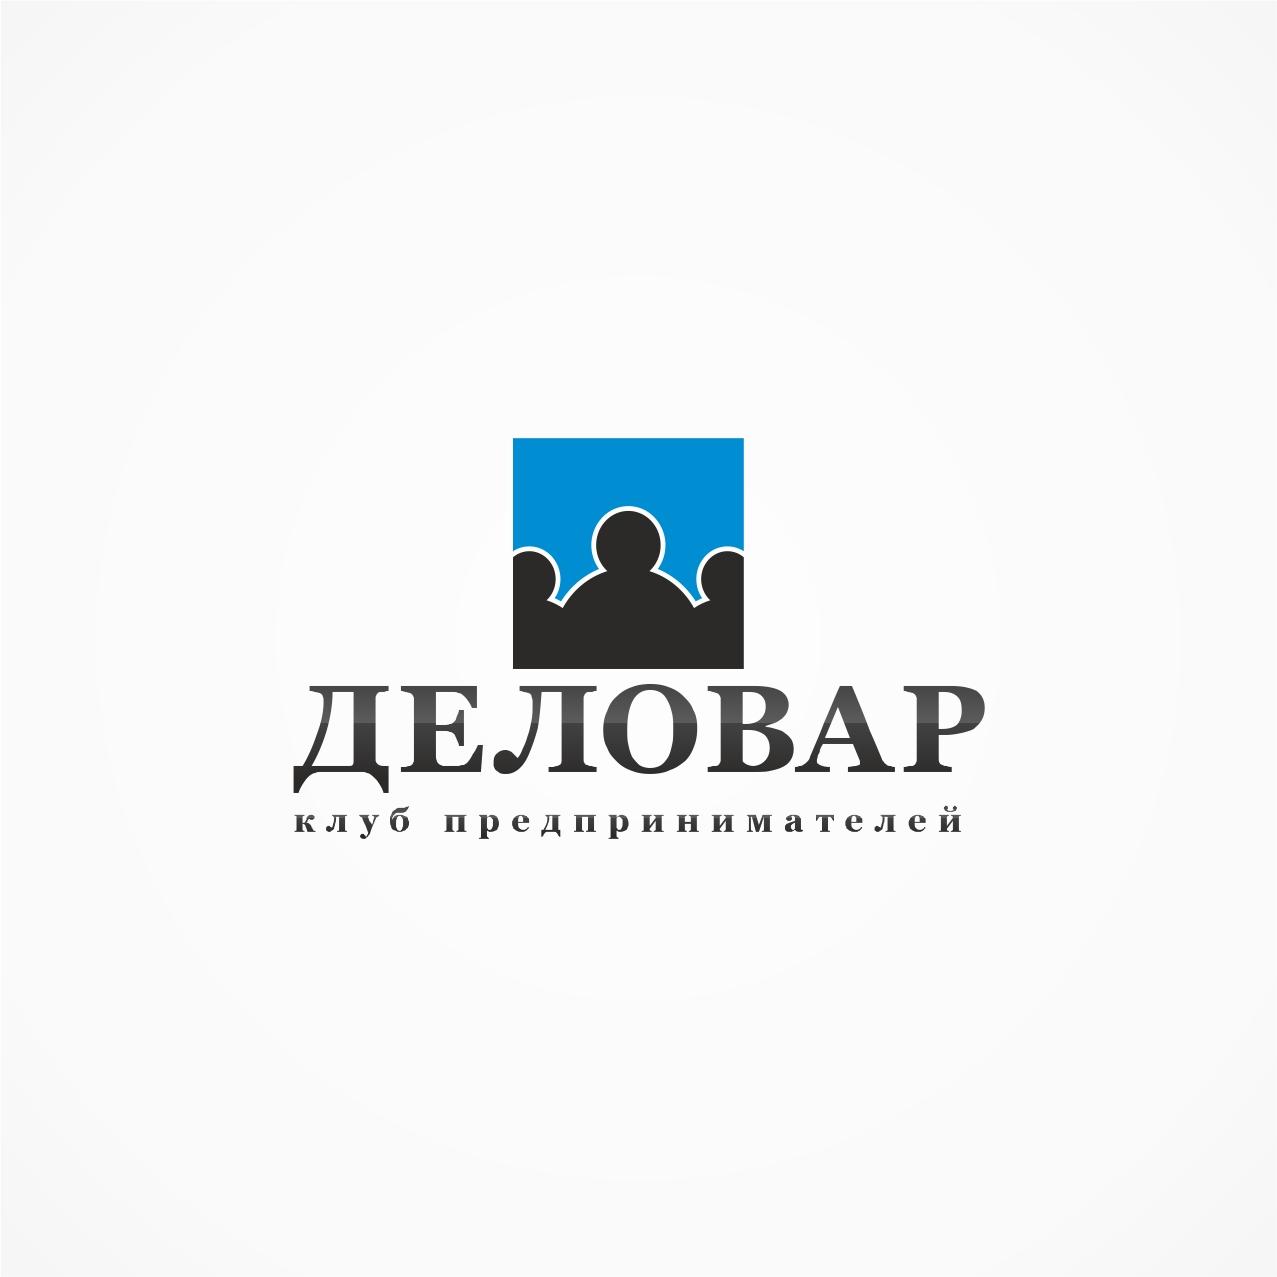 """Логотип и фирм. стиль для Клуба предпринимателей """"Деловар"""" фото f_5045aa702cf22.jpg"""